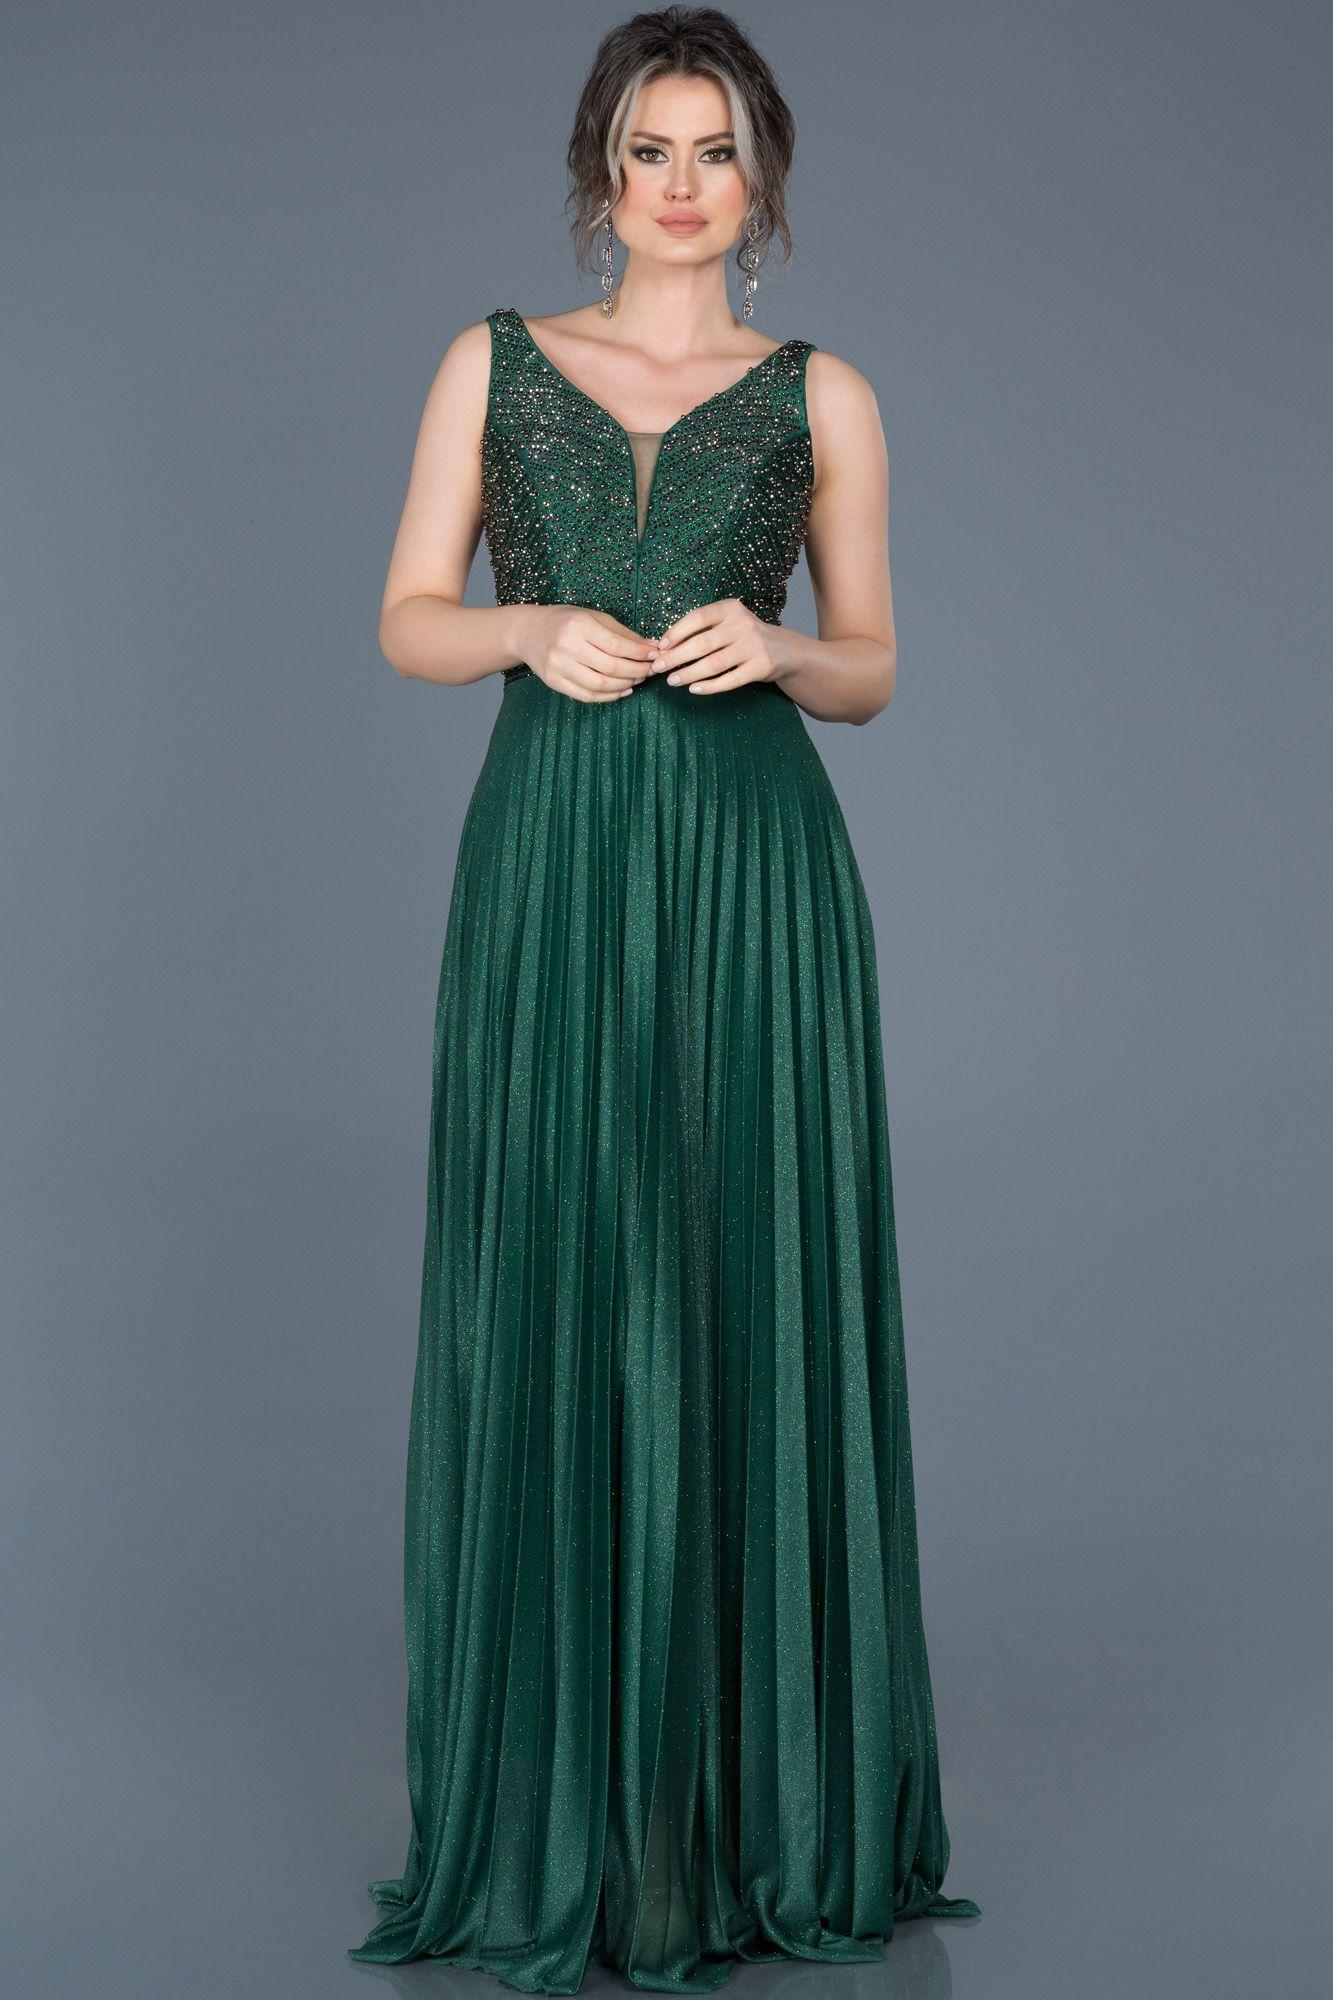 Kbr Yldz Adli Kullanicinin Abiye Panosundaki Pin Aksam Elbiseleri The Dress Uzun Mezuniyet Elbisesi